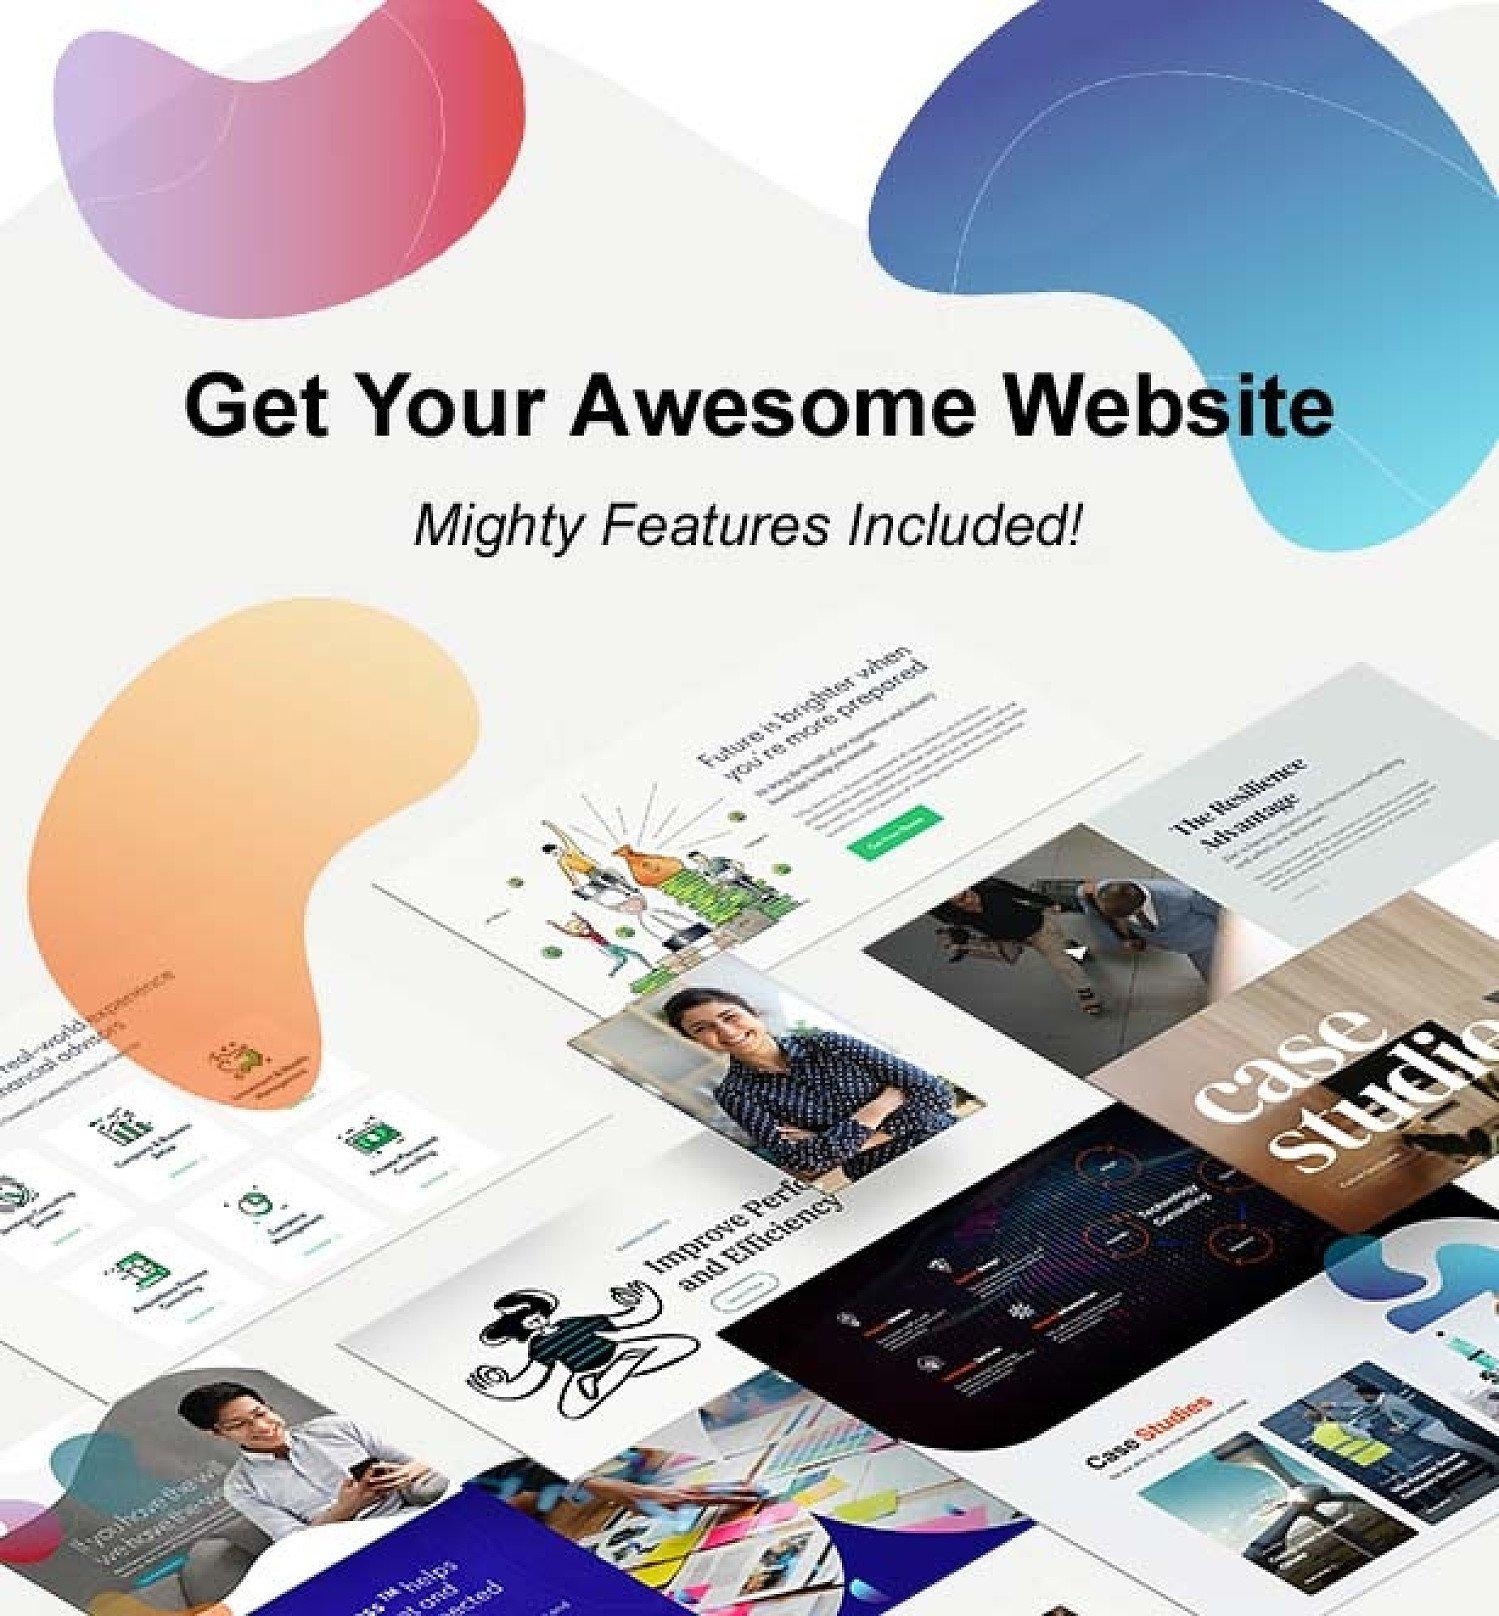 Win A Free Web Design